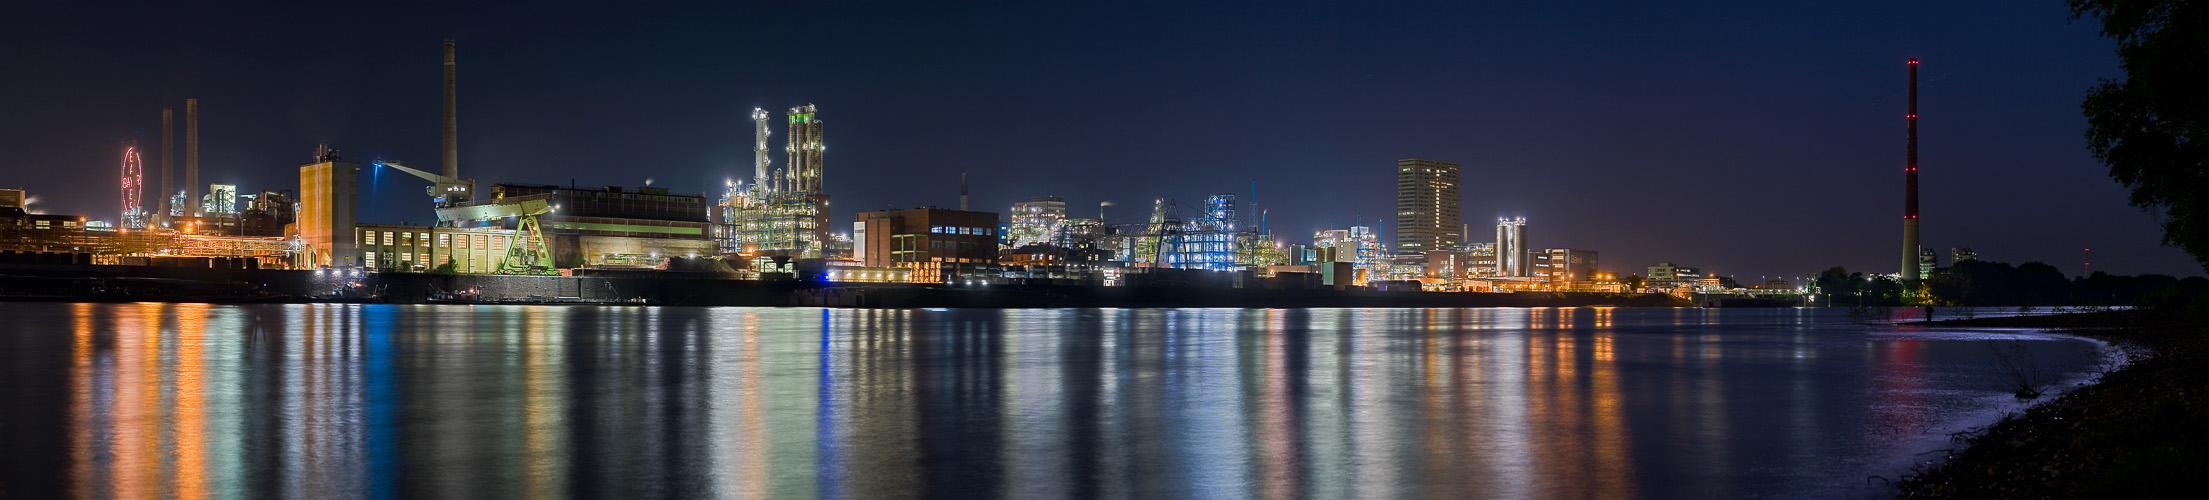 Panorama der Bayer Leverkusen Werke